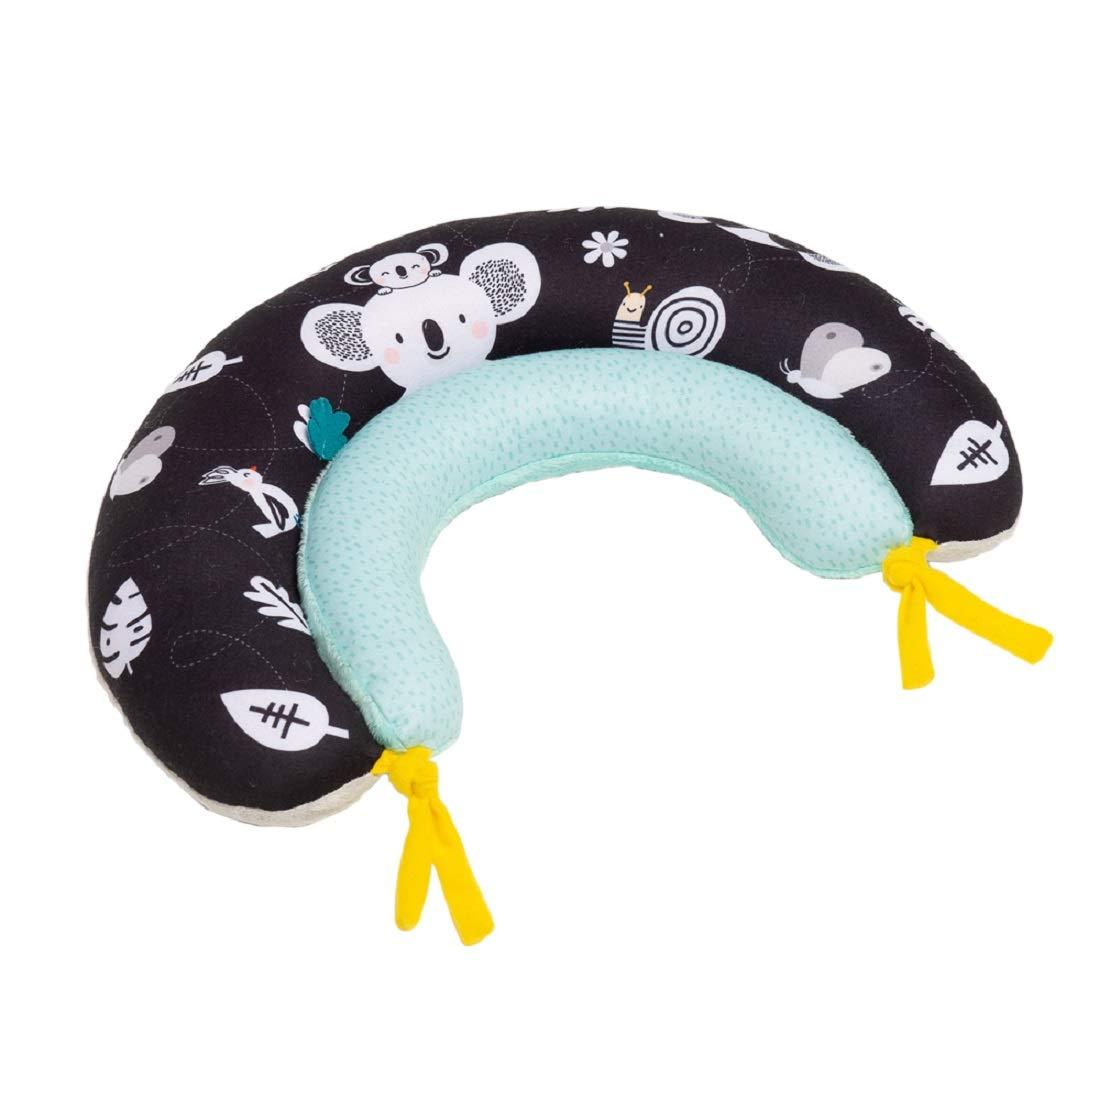 Taf Toys 220 en 220 Tummy Time   Almohada de desarrollo suave para bebés de 20 a  20 meses, recién nacidos y bebés